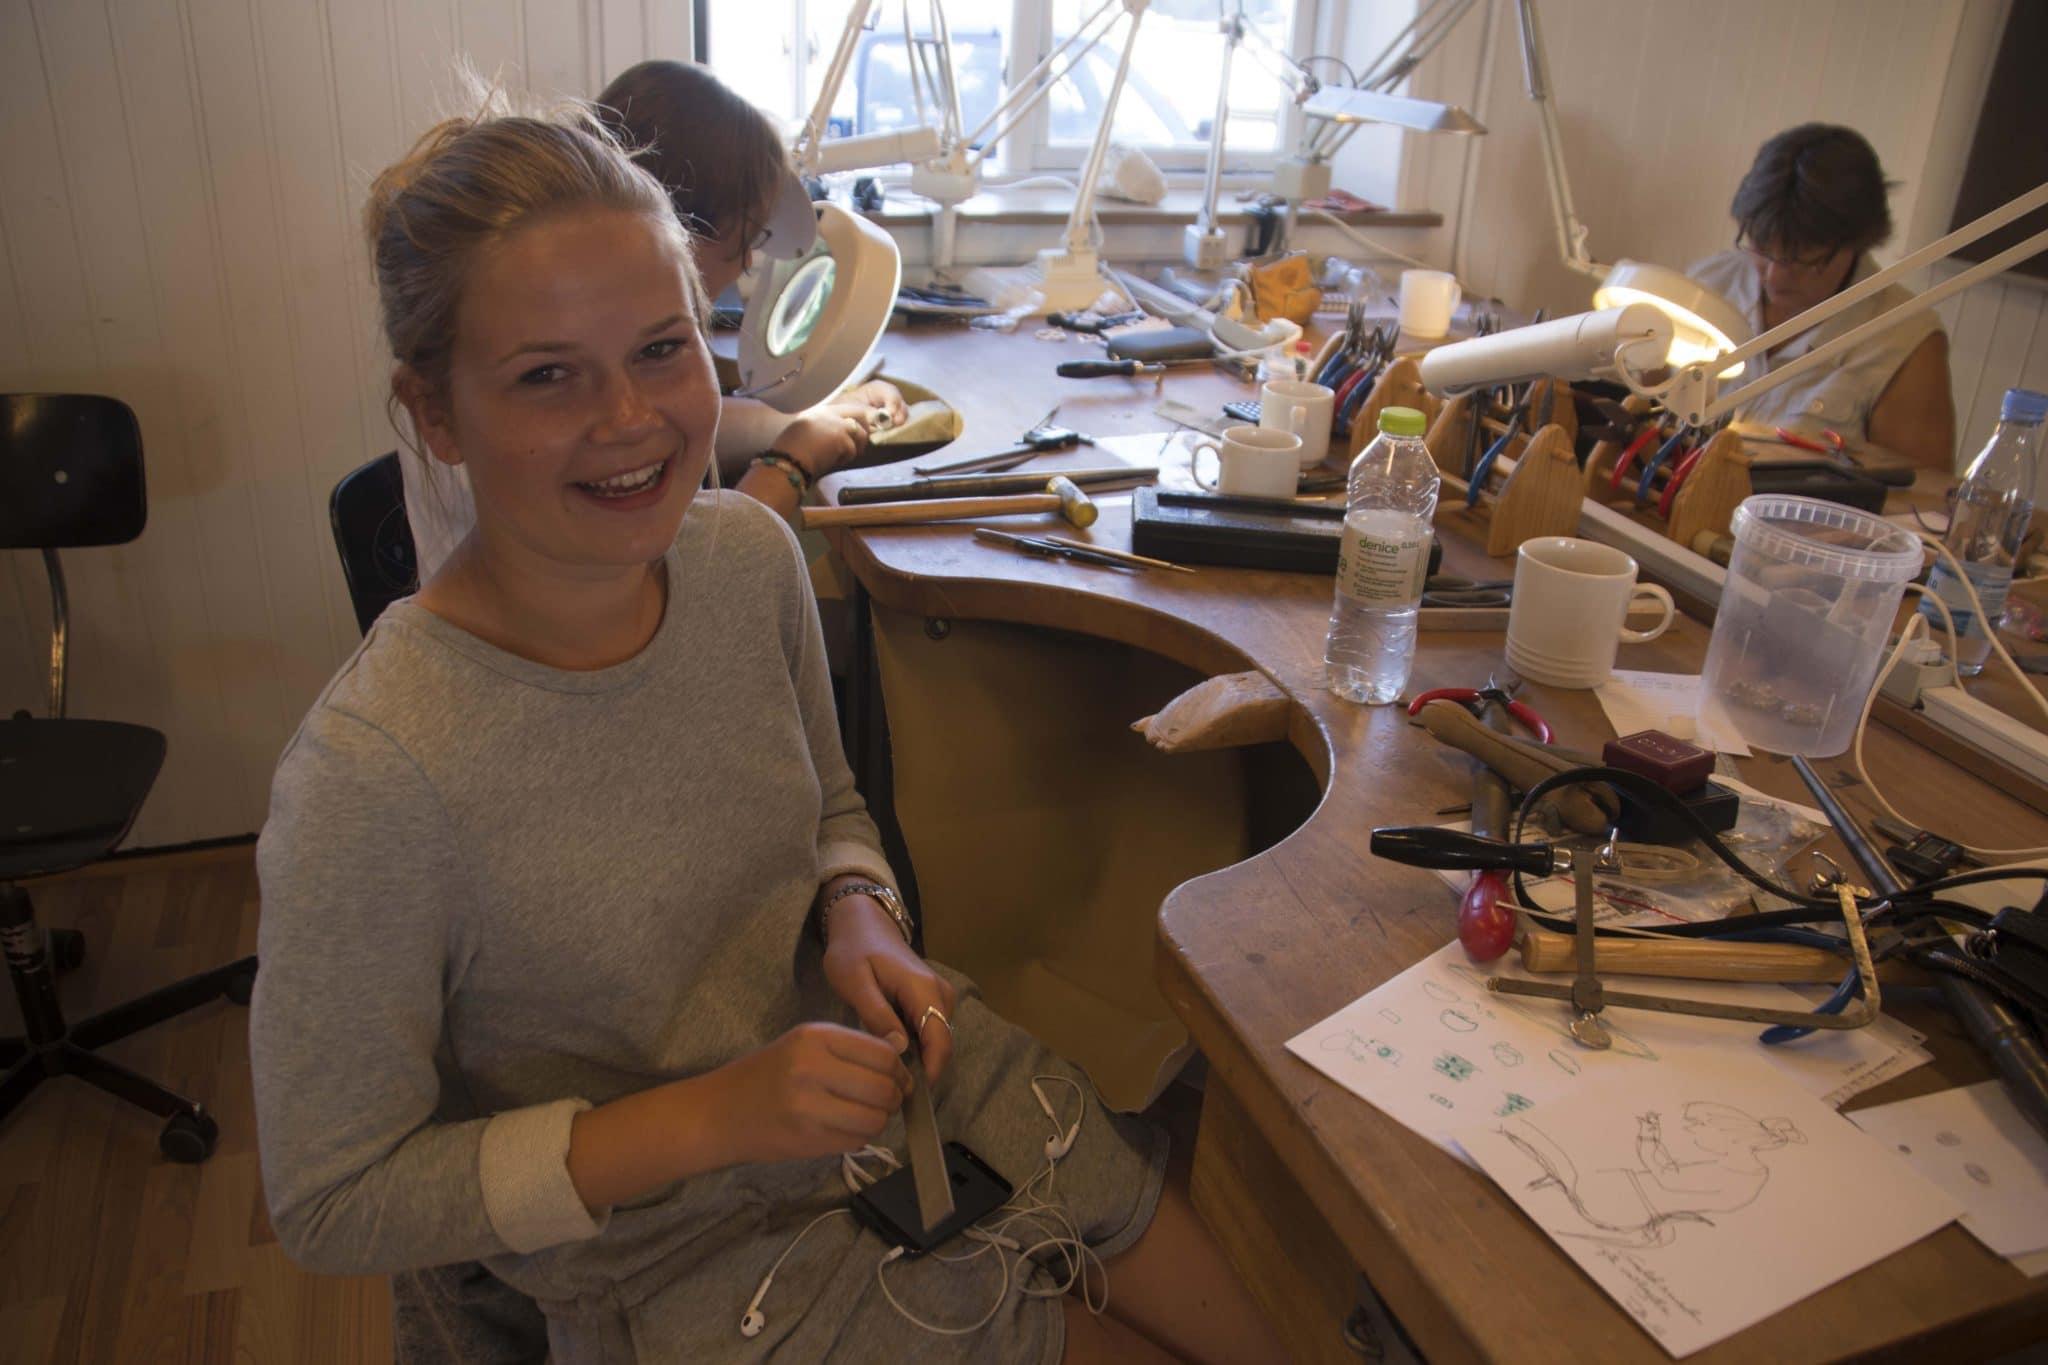 Smykke kursus - Lær at lave smykker med guldsmedens arbejdsmetoder